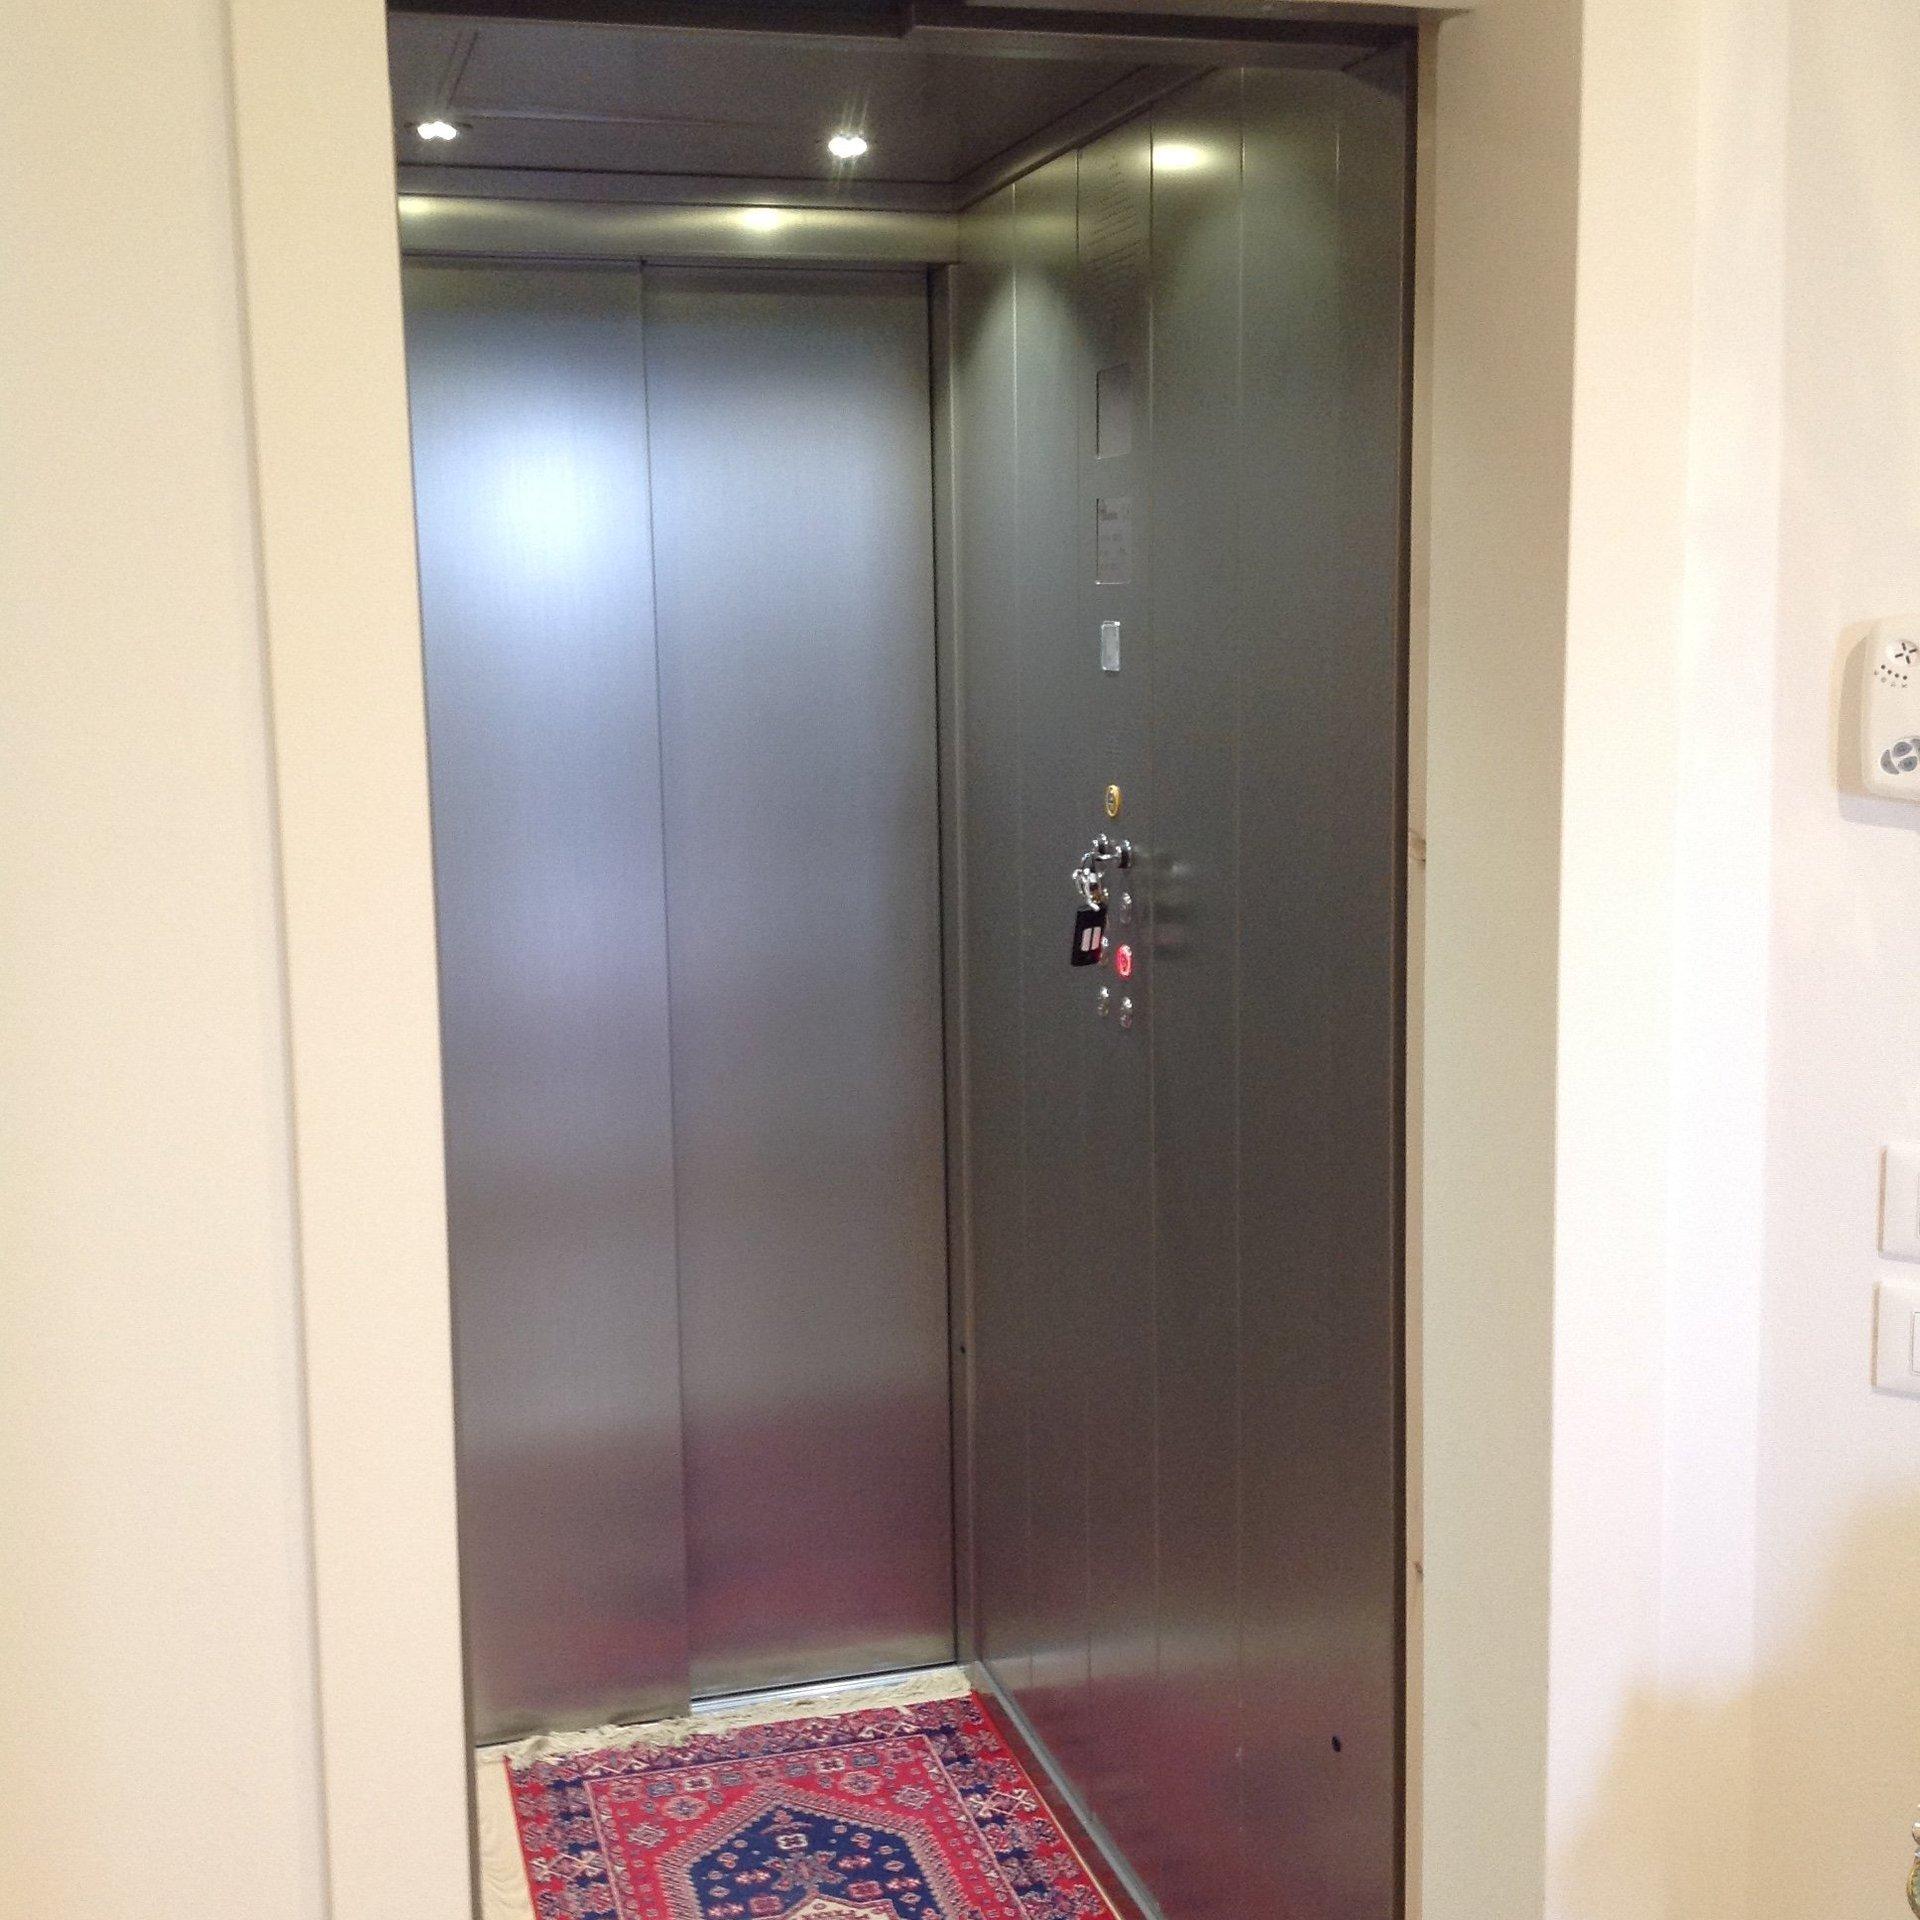 ascensore di un edificio